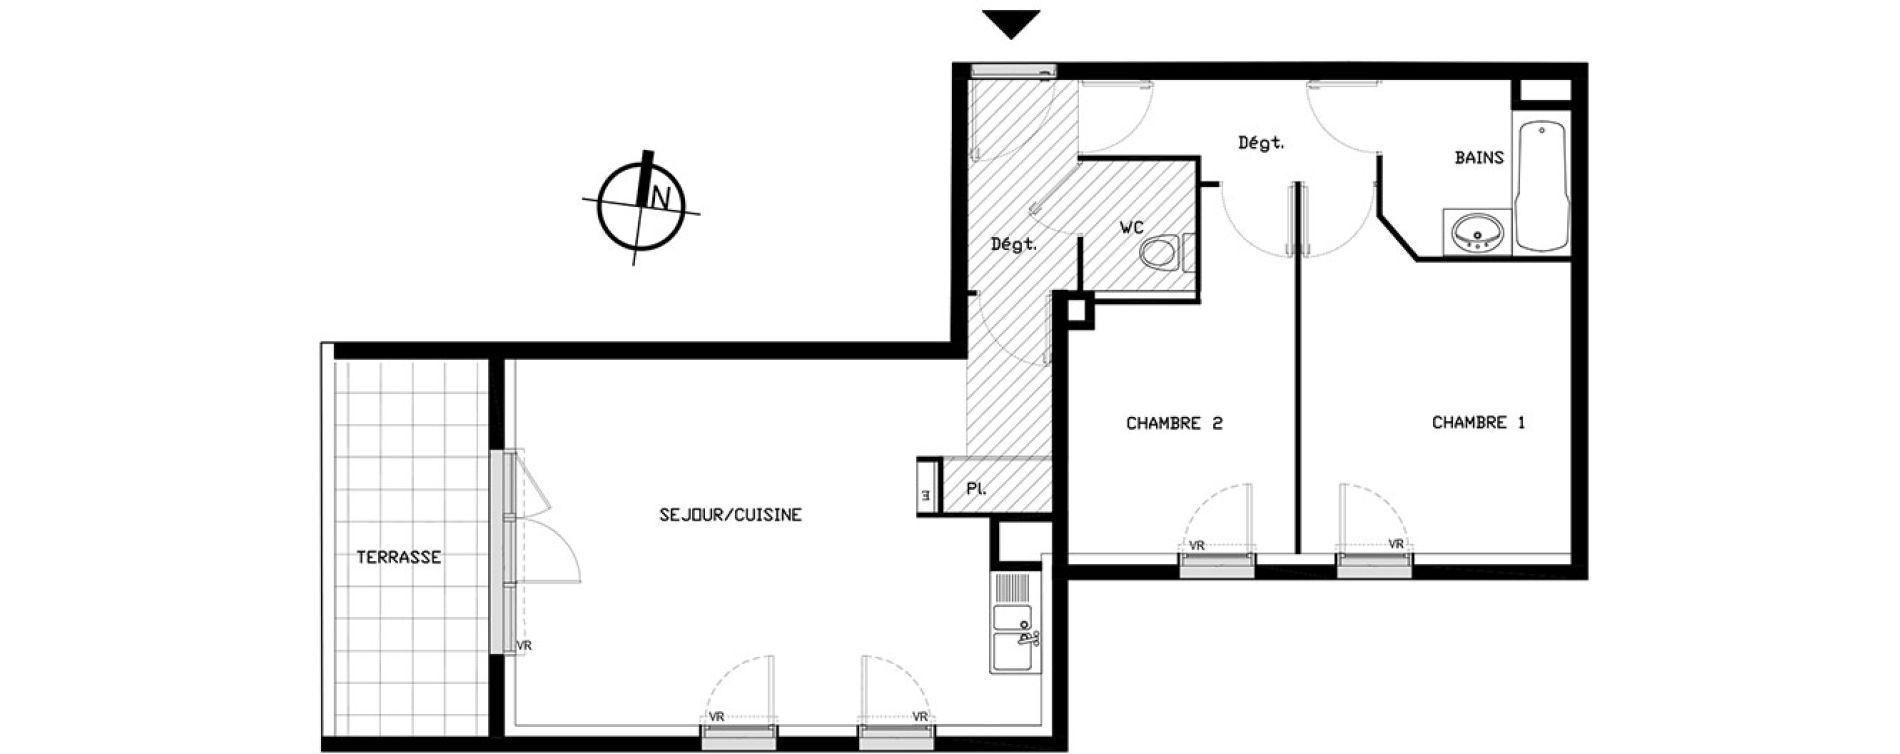 Appartement T3 de 60,60 m2 à Castelnau-Le-Lez Sablas - mendrous